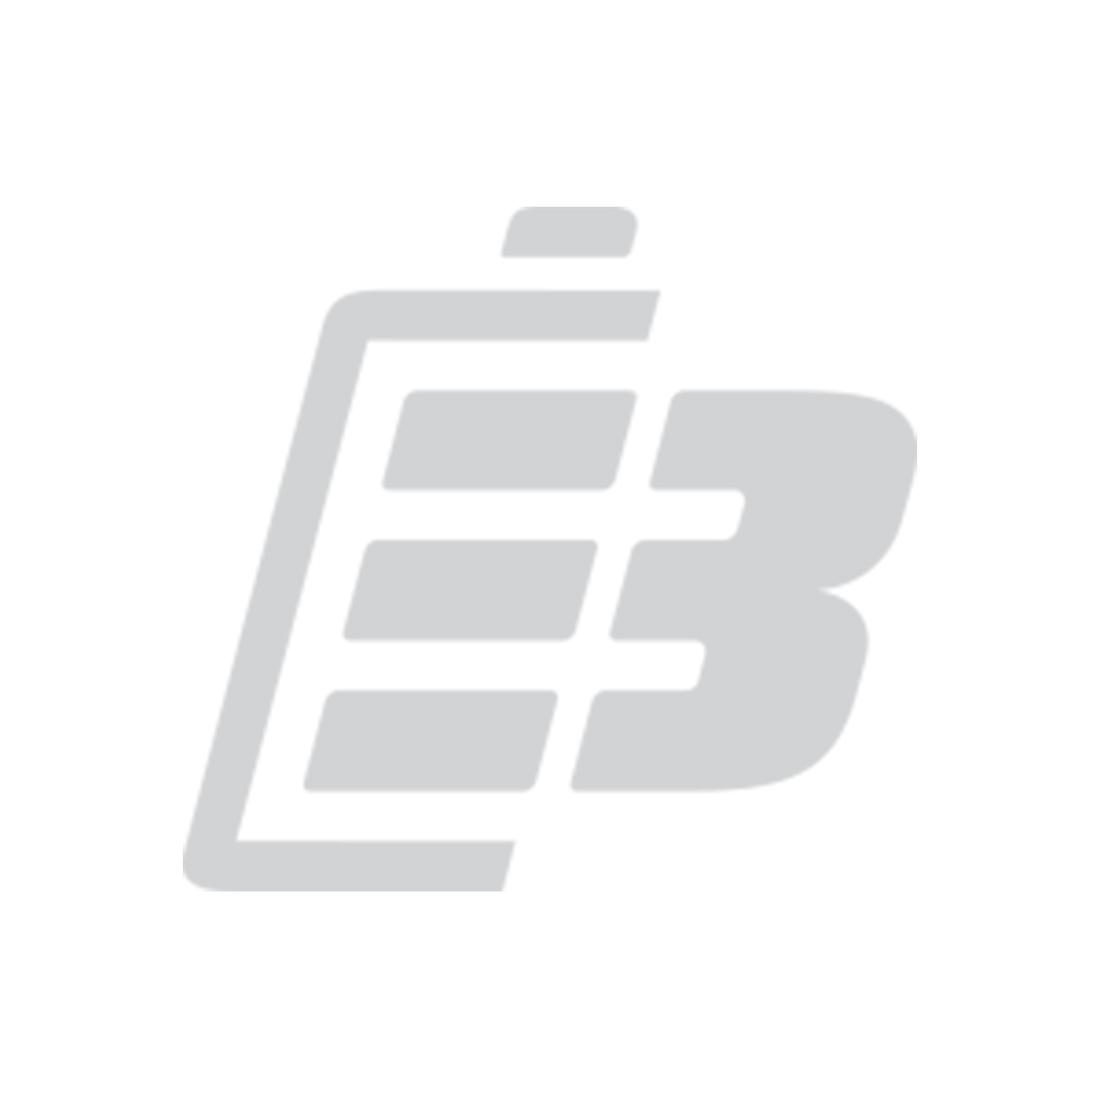 Ecobat Lead Acid Battery 6V 1.3Ah